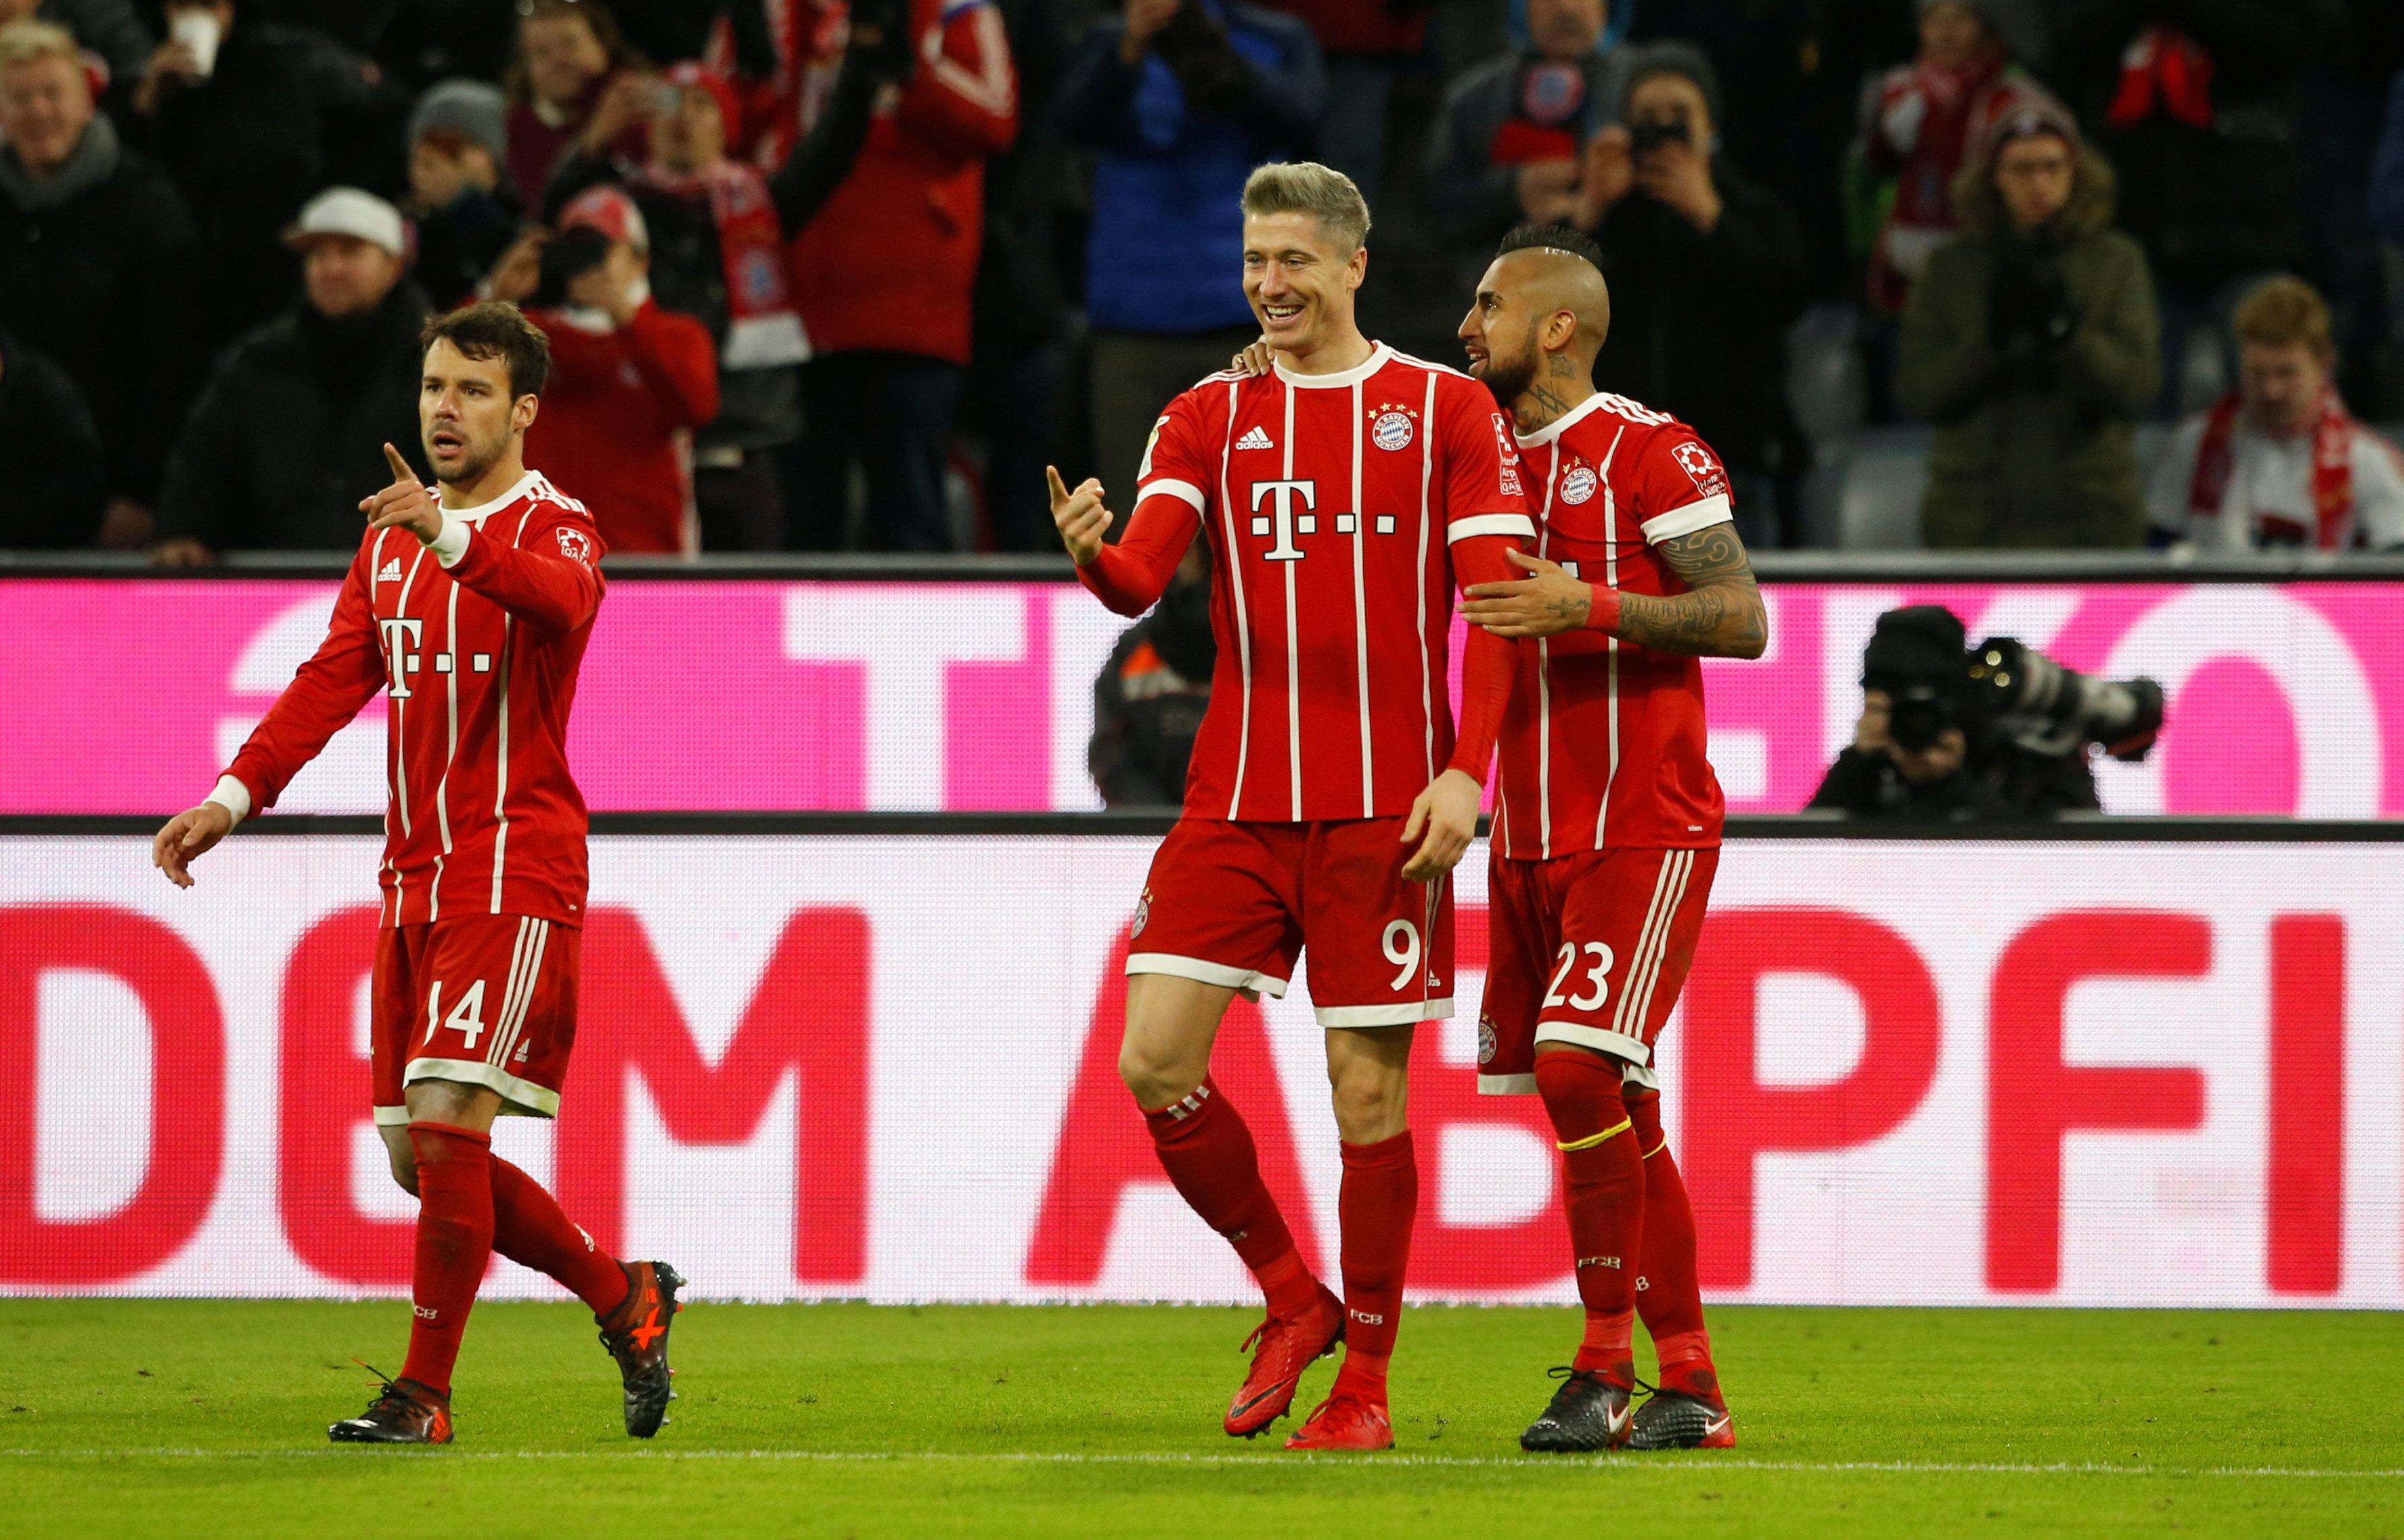 FC Bayern – Paris Saint-Germain im Live Stream: Spiel online